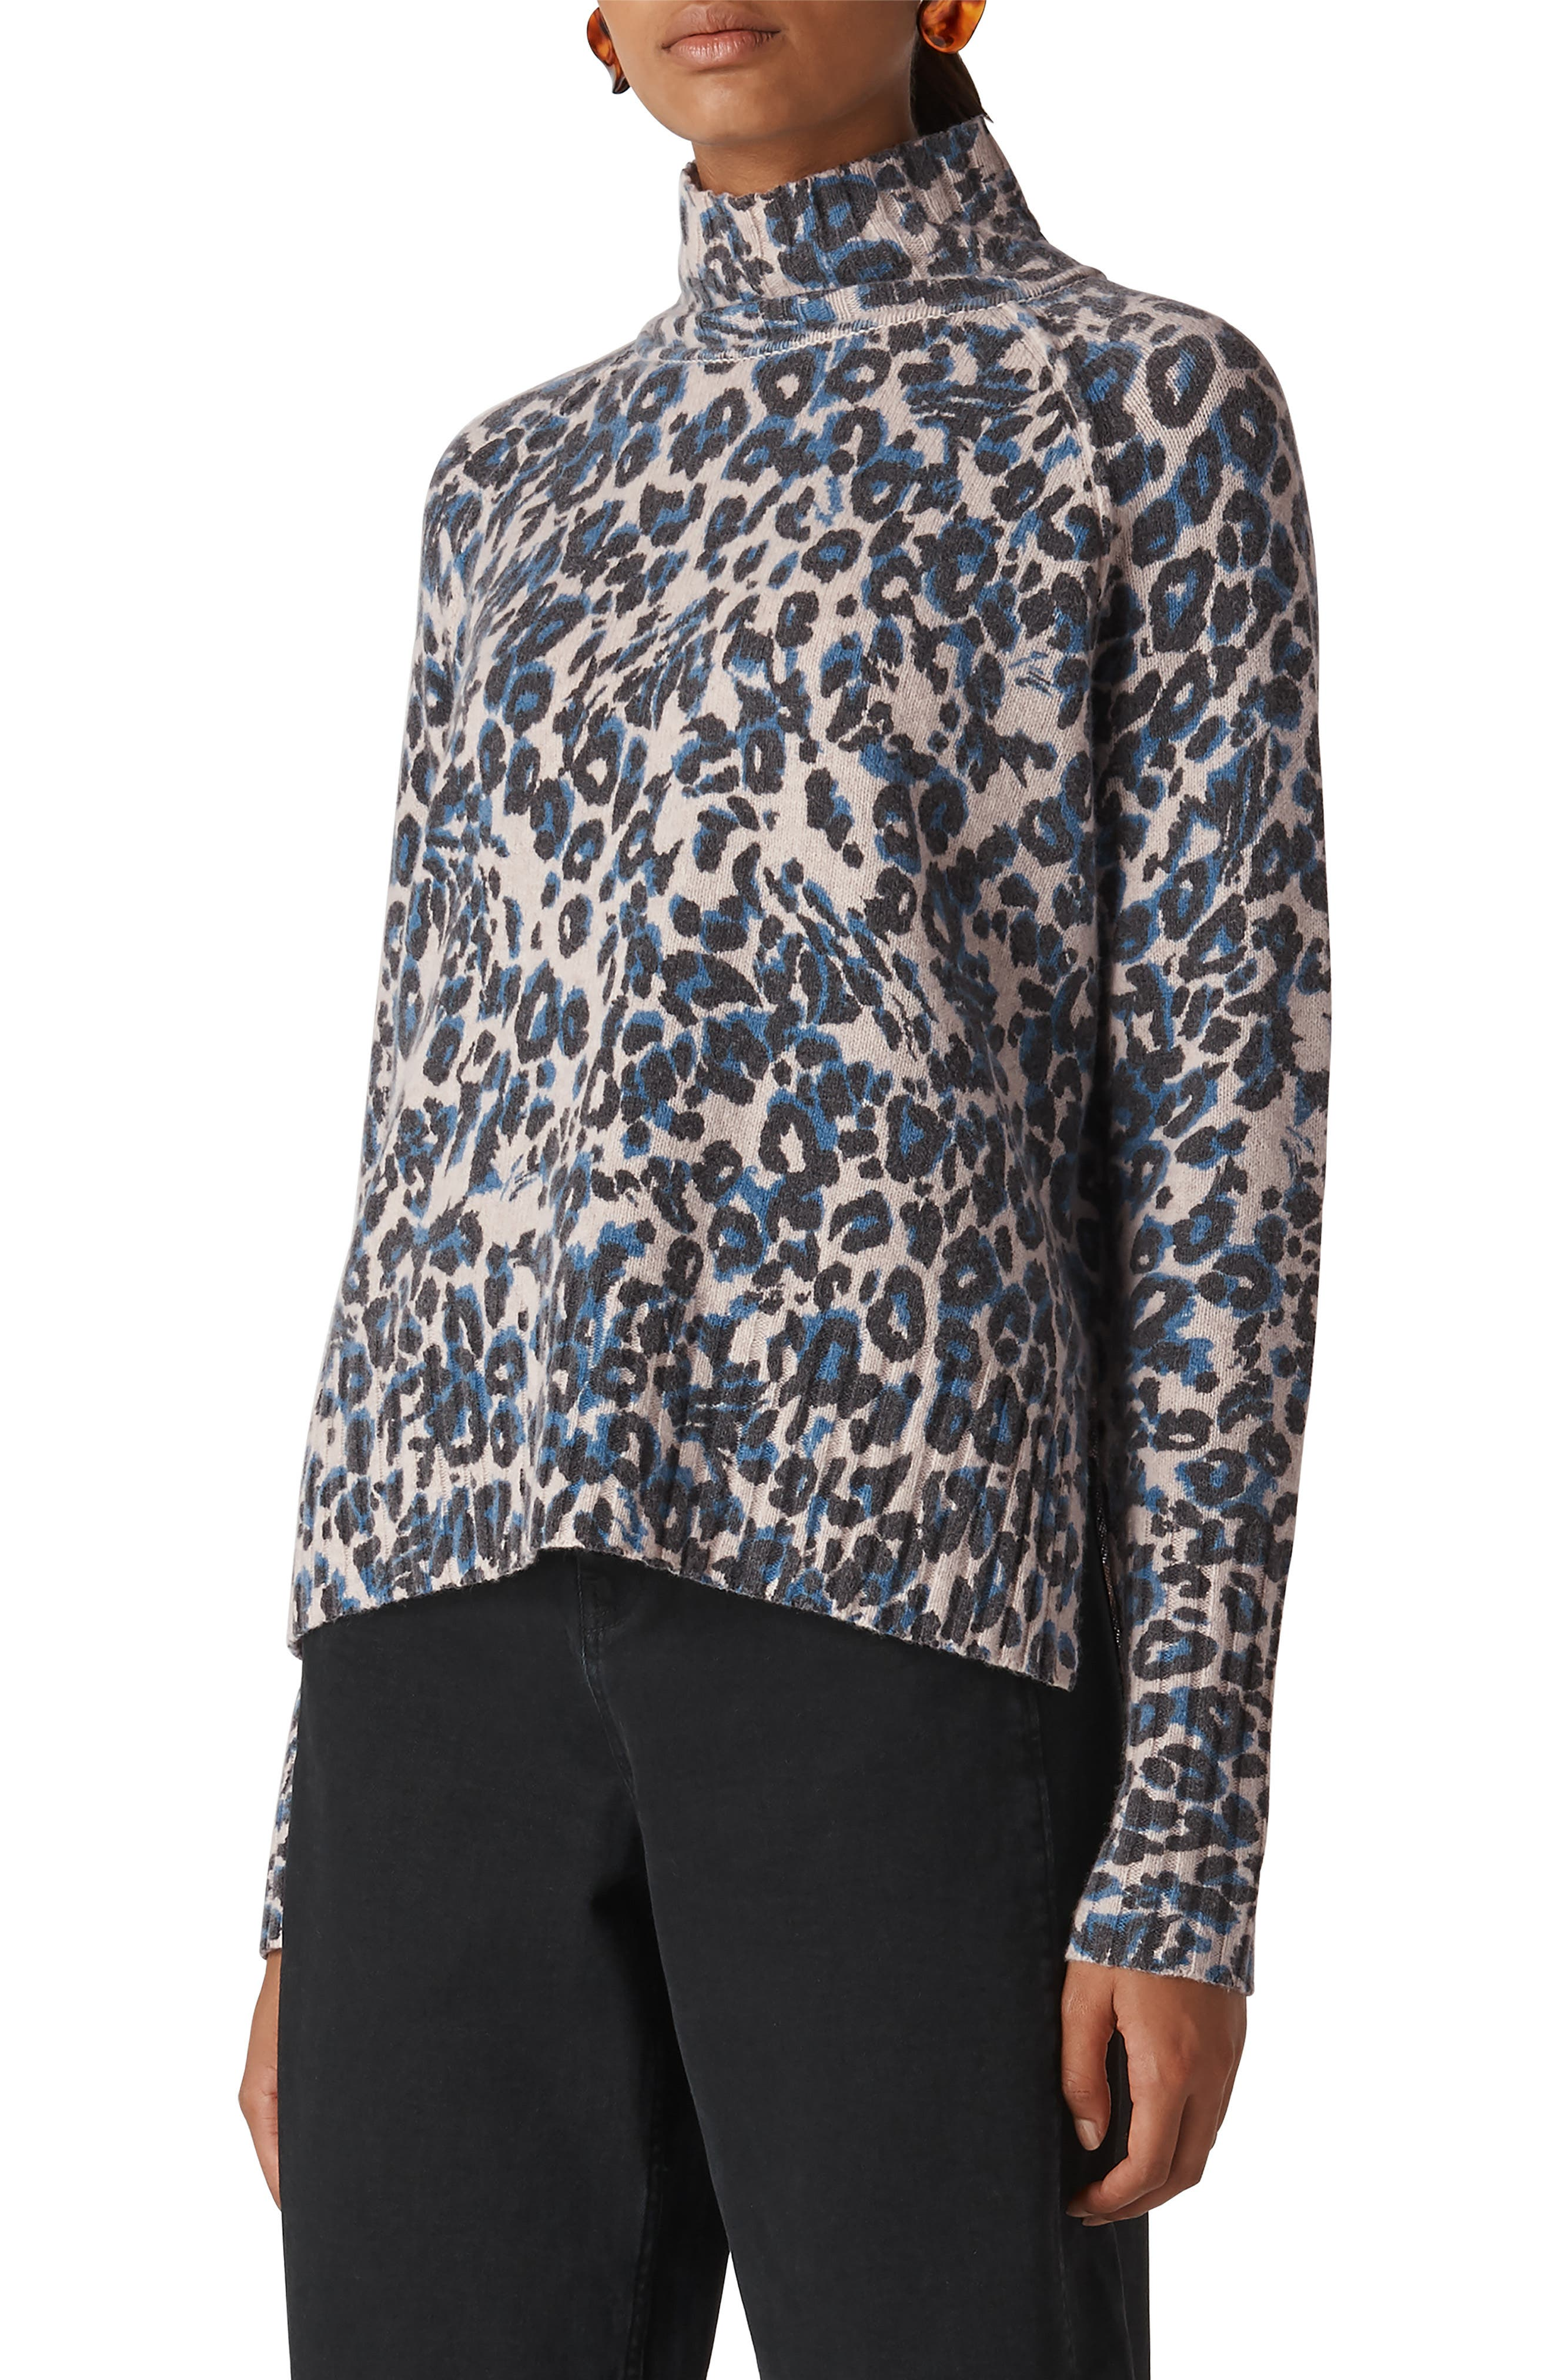 Jungle Cat Print Sweater in Blue/ Multi